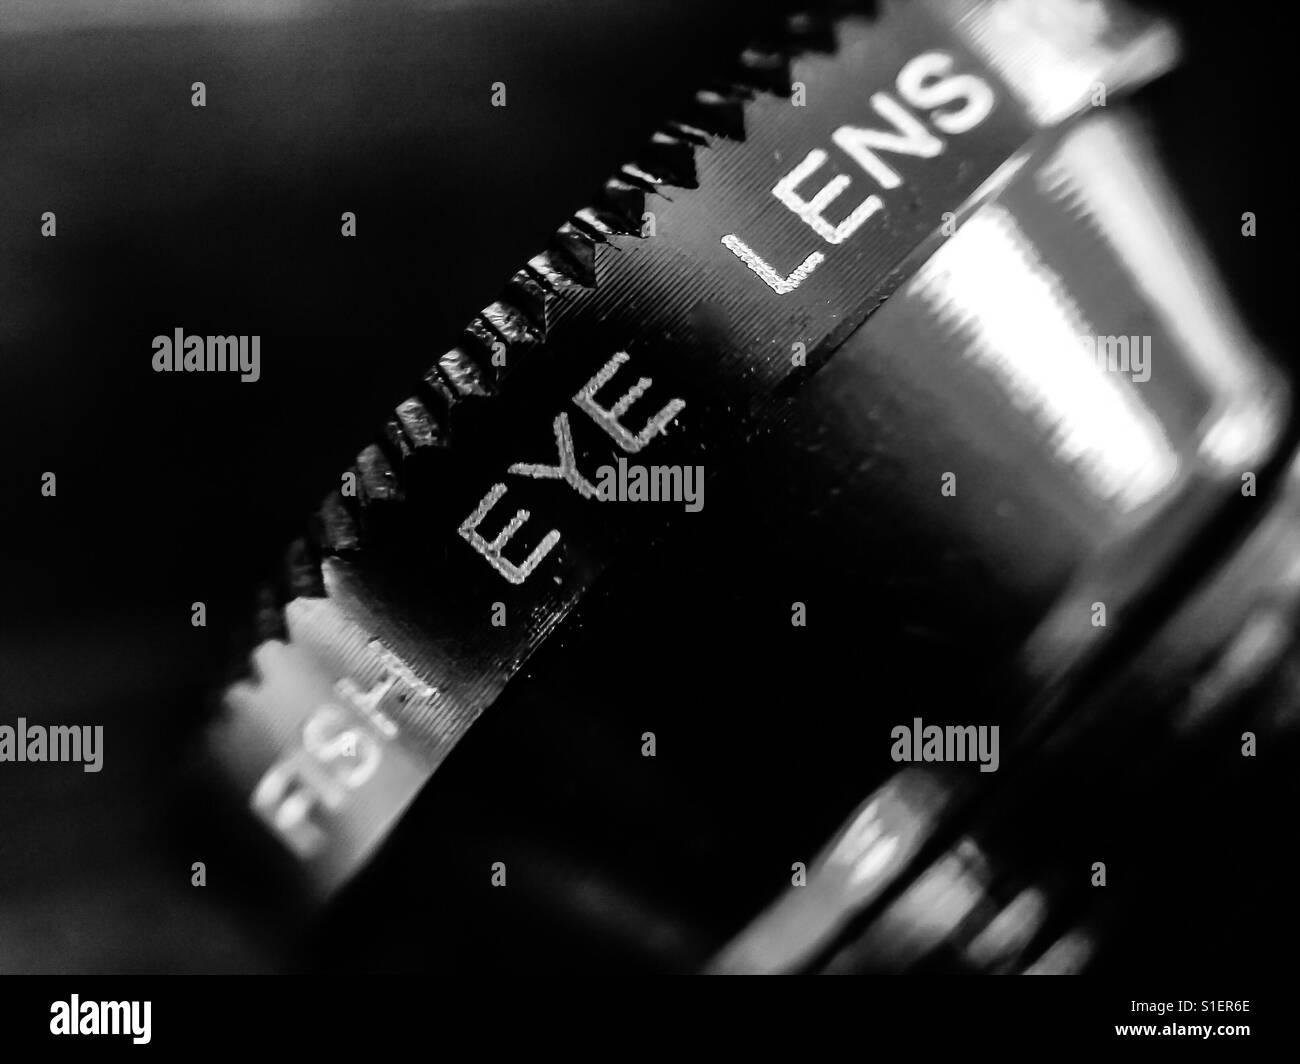 Fisheye lens for smart phone - Stock Image